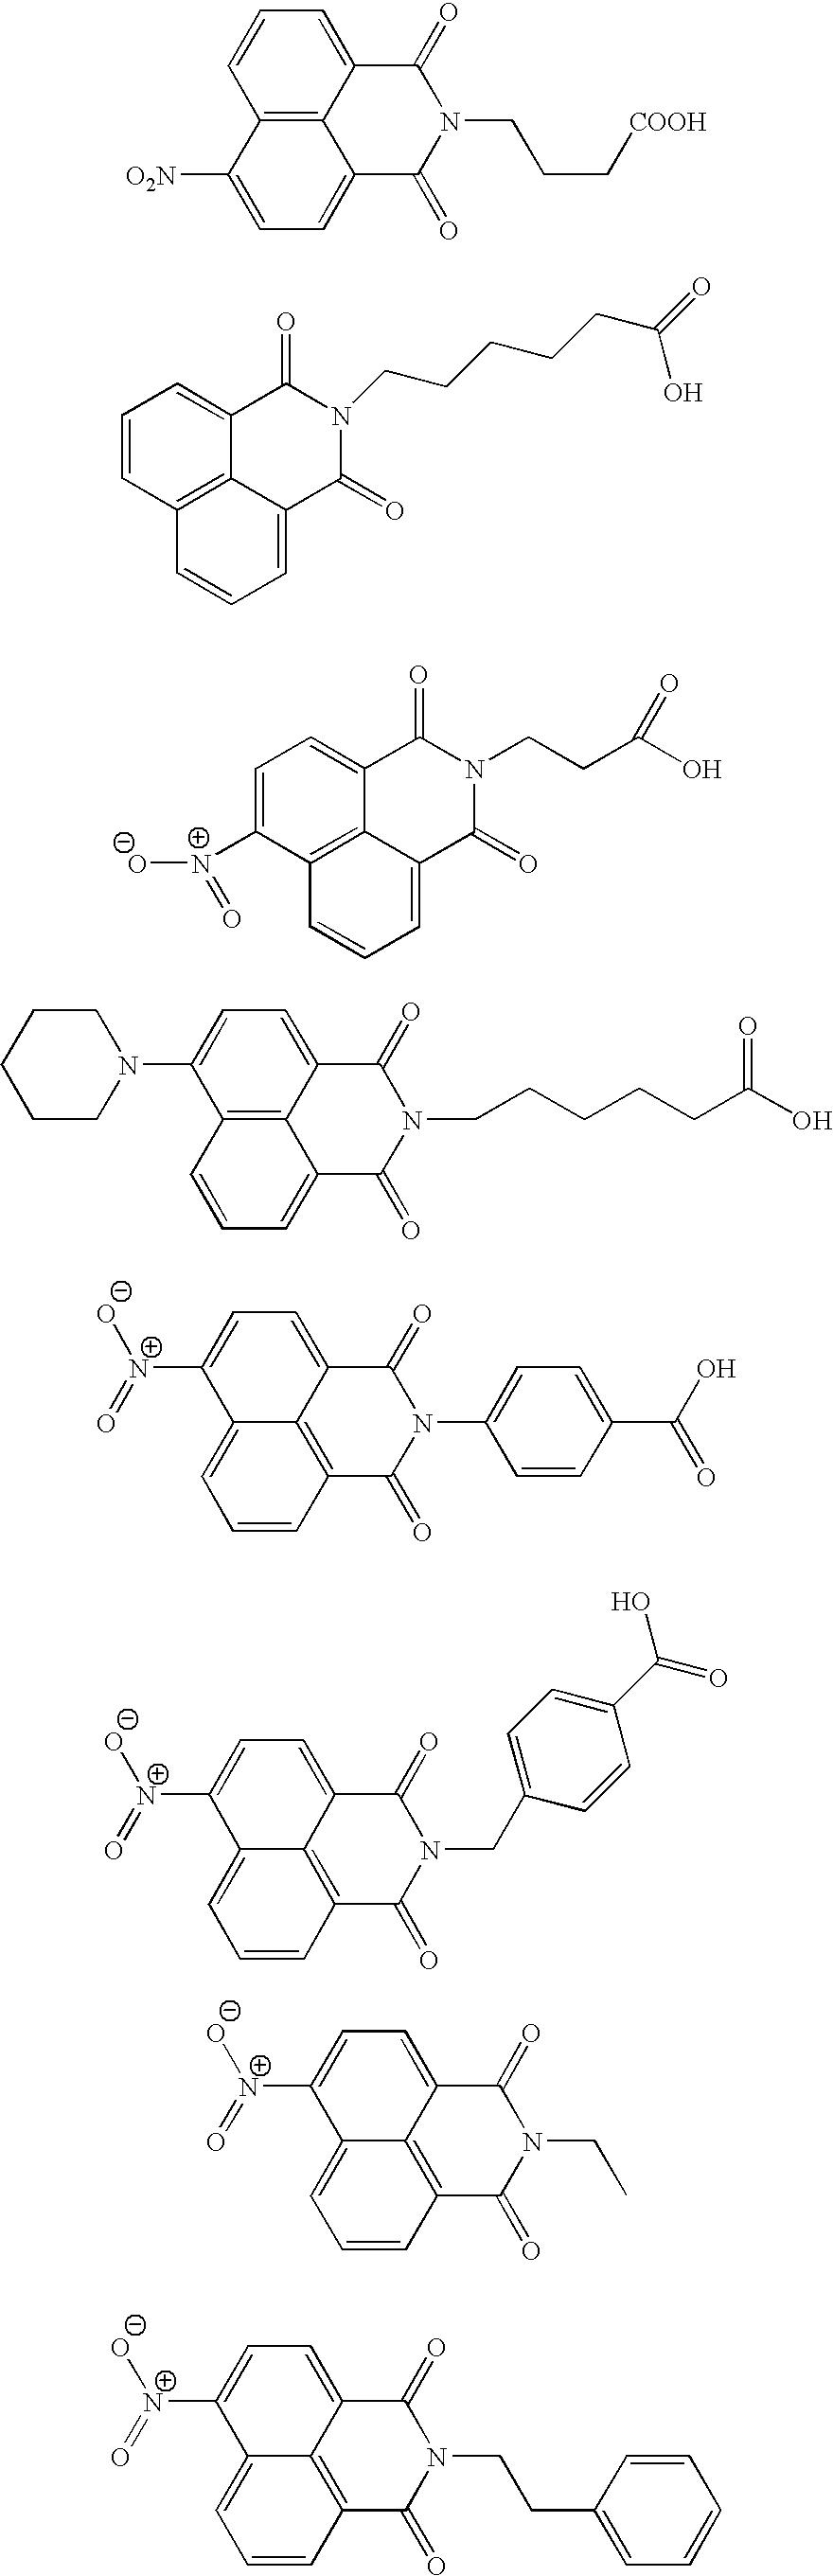 Figure US08119656-20120221-C00030